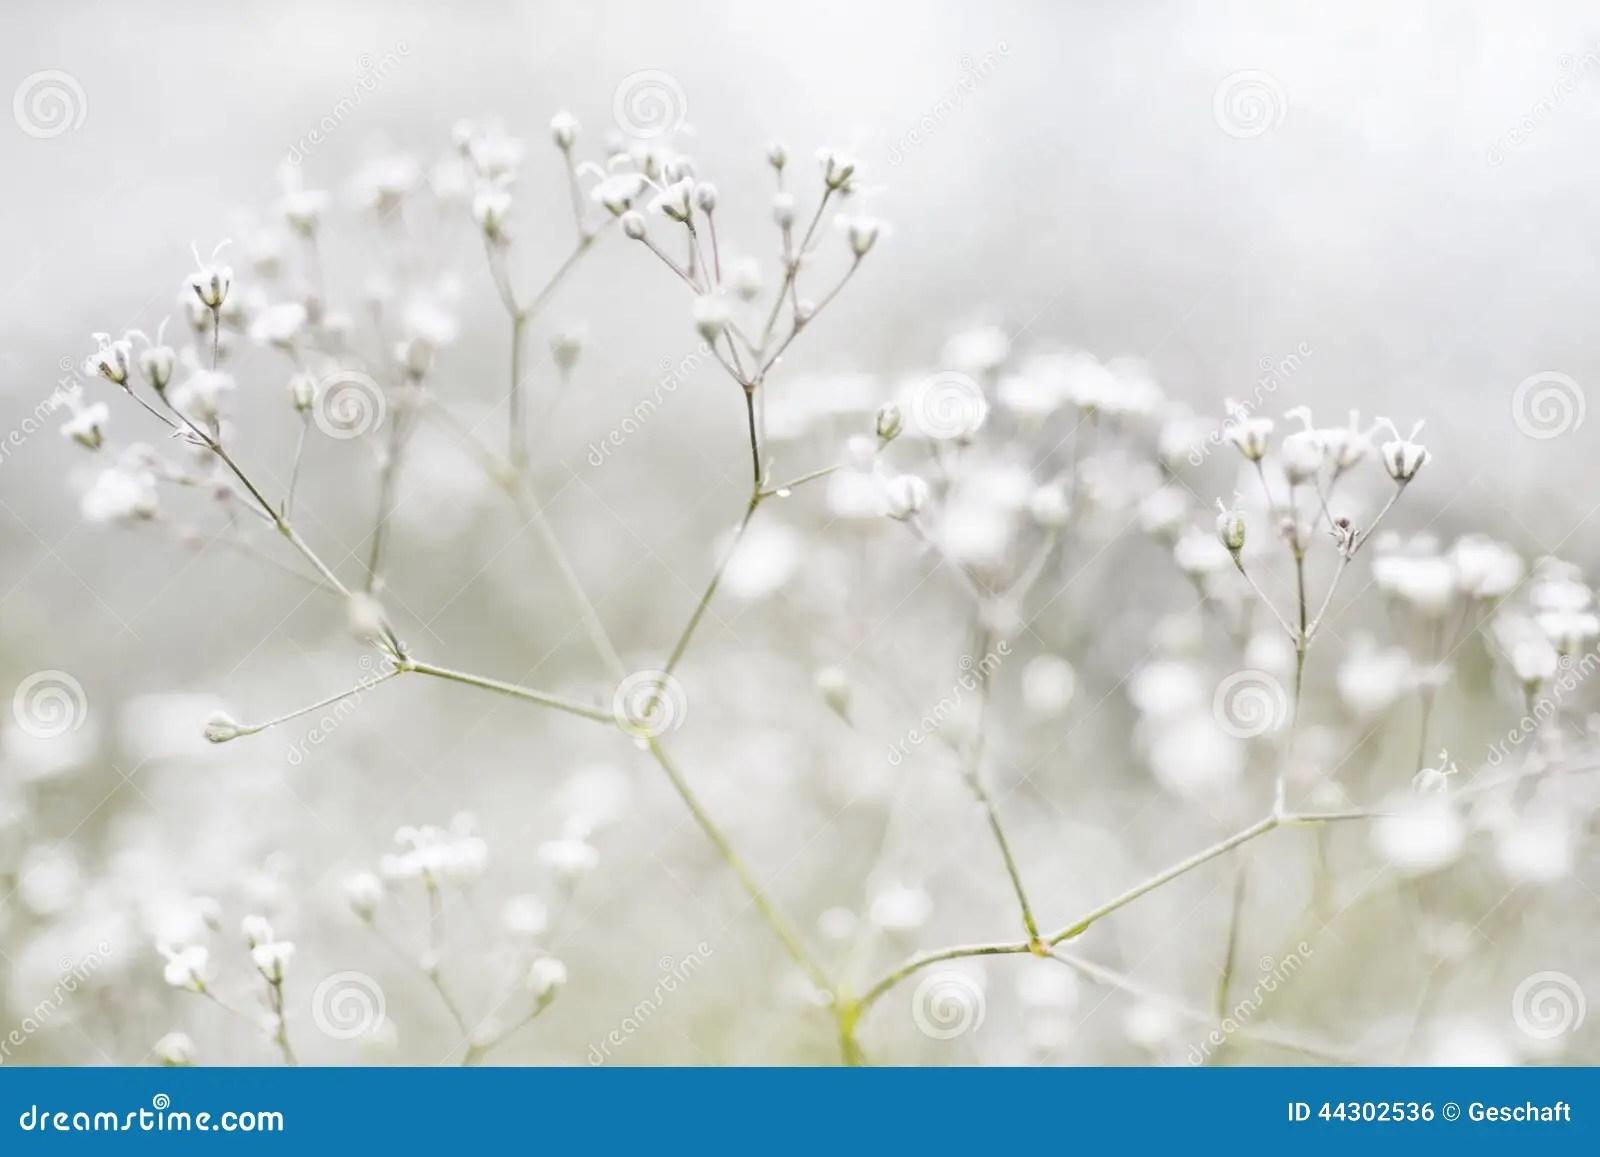 Kleine Defocused Weie Blumen Stockfoto  Bild von aufbau